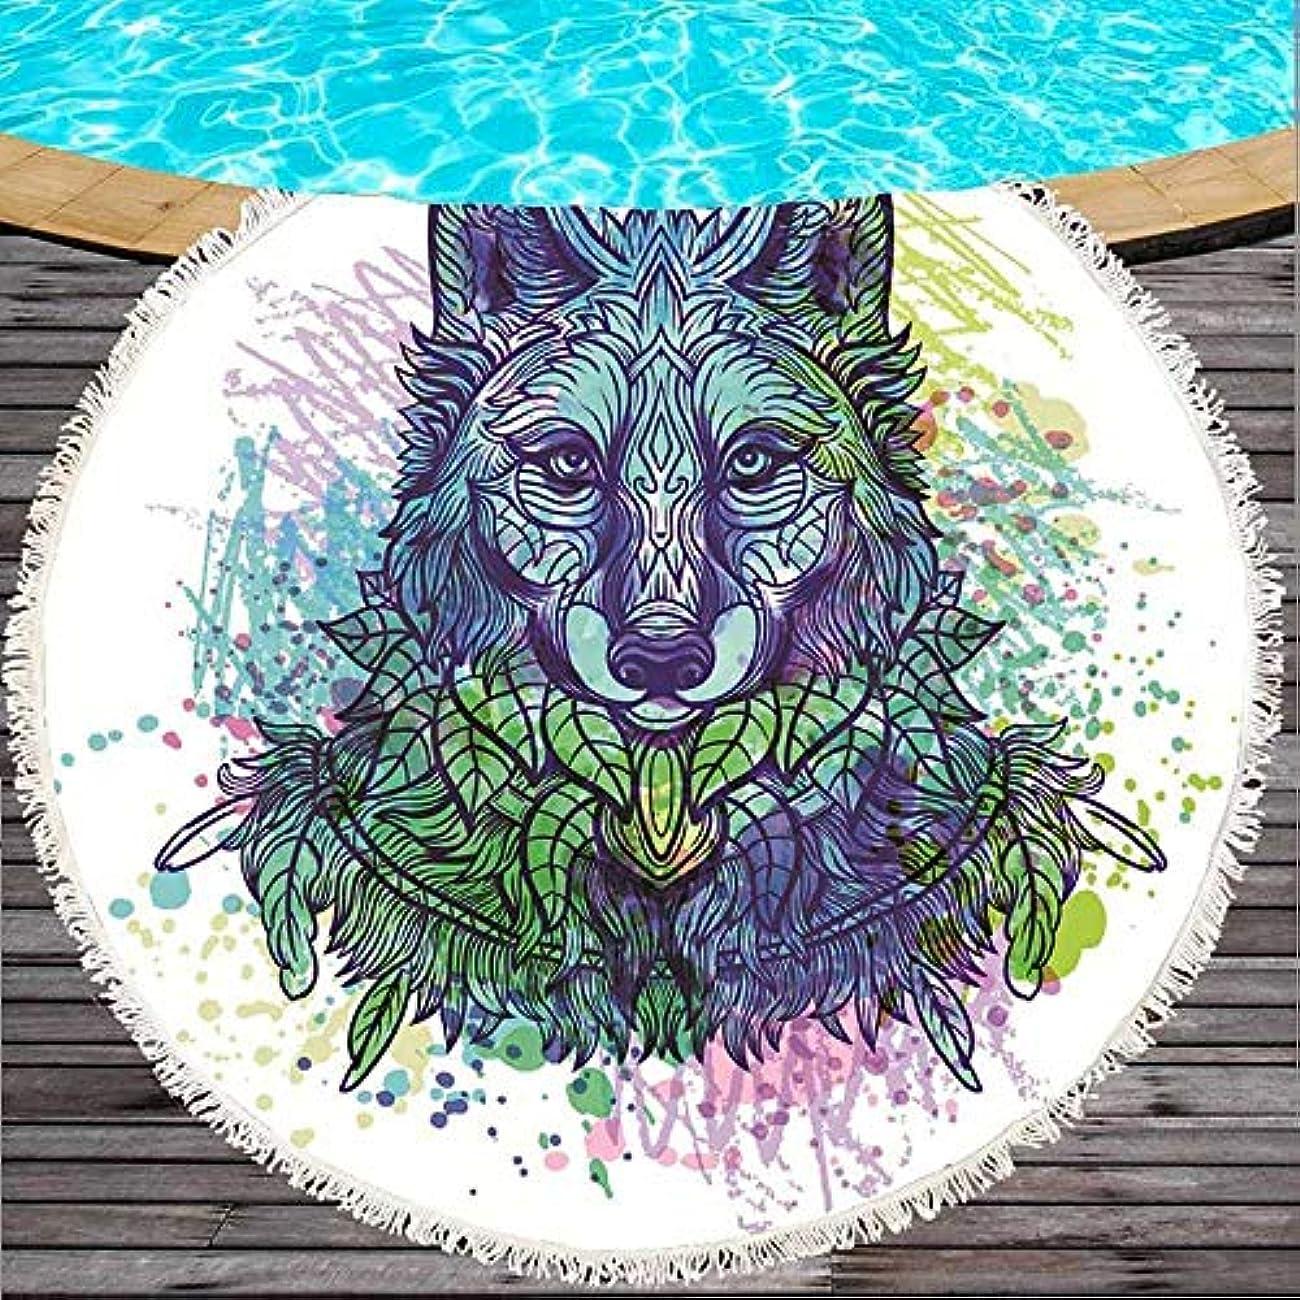 職業統合する中断動物ラウンドビーチタオルプリントタッセルヨガブランケット犬マイクロファイバーピクニックラージマット150 cm (色 : 4, サイズ : 150CM)